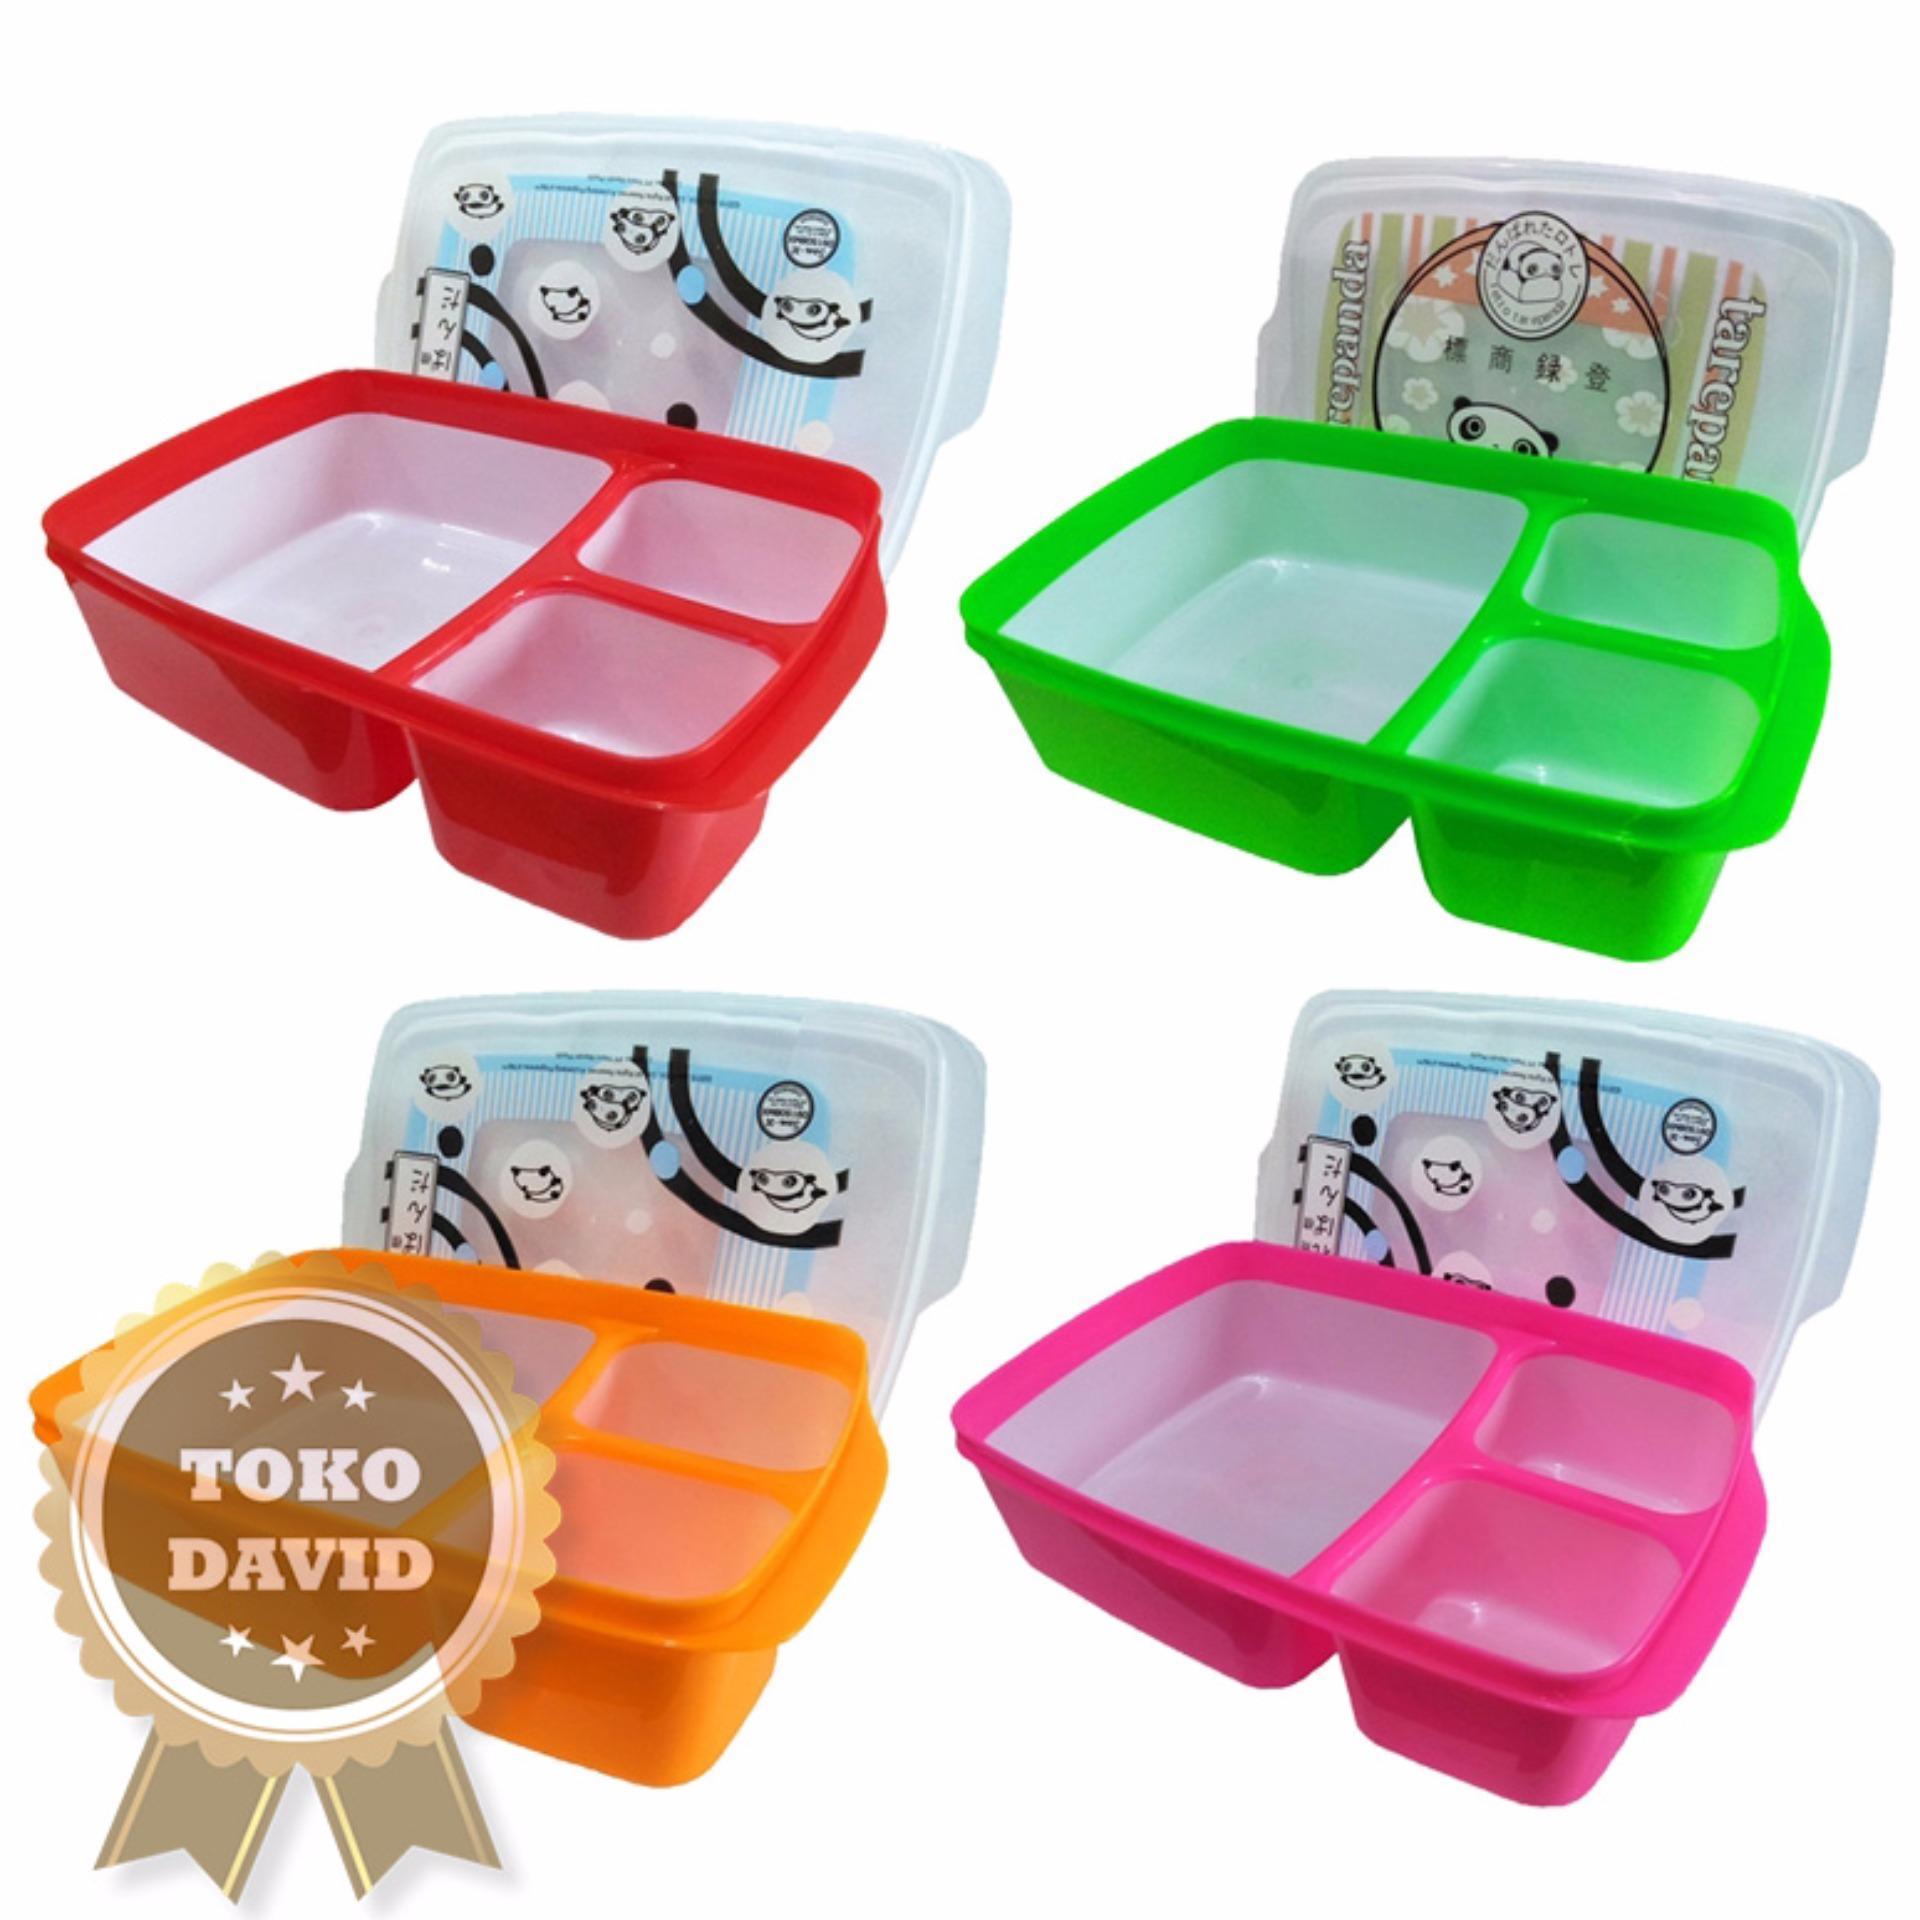 Fitur Technoplast Kotak Makan Lunch Box Anak Bpa Free Cars Motif Exclusive Calista 3 Sekat Food Grade Random Colour